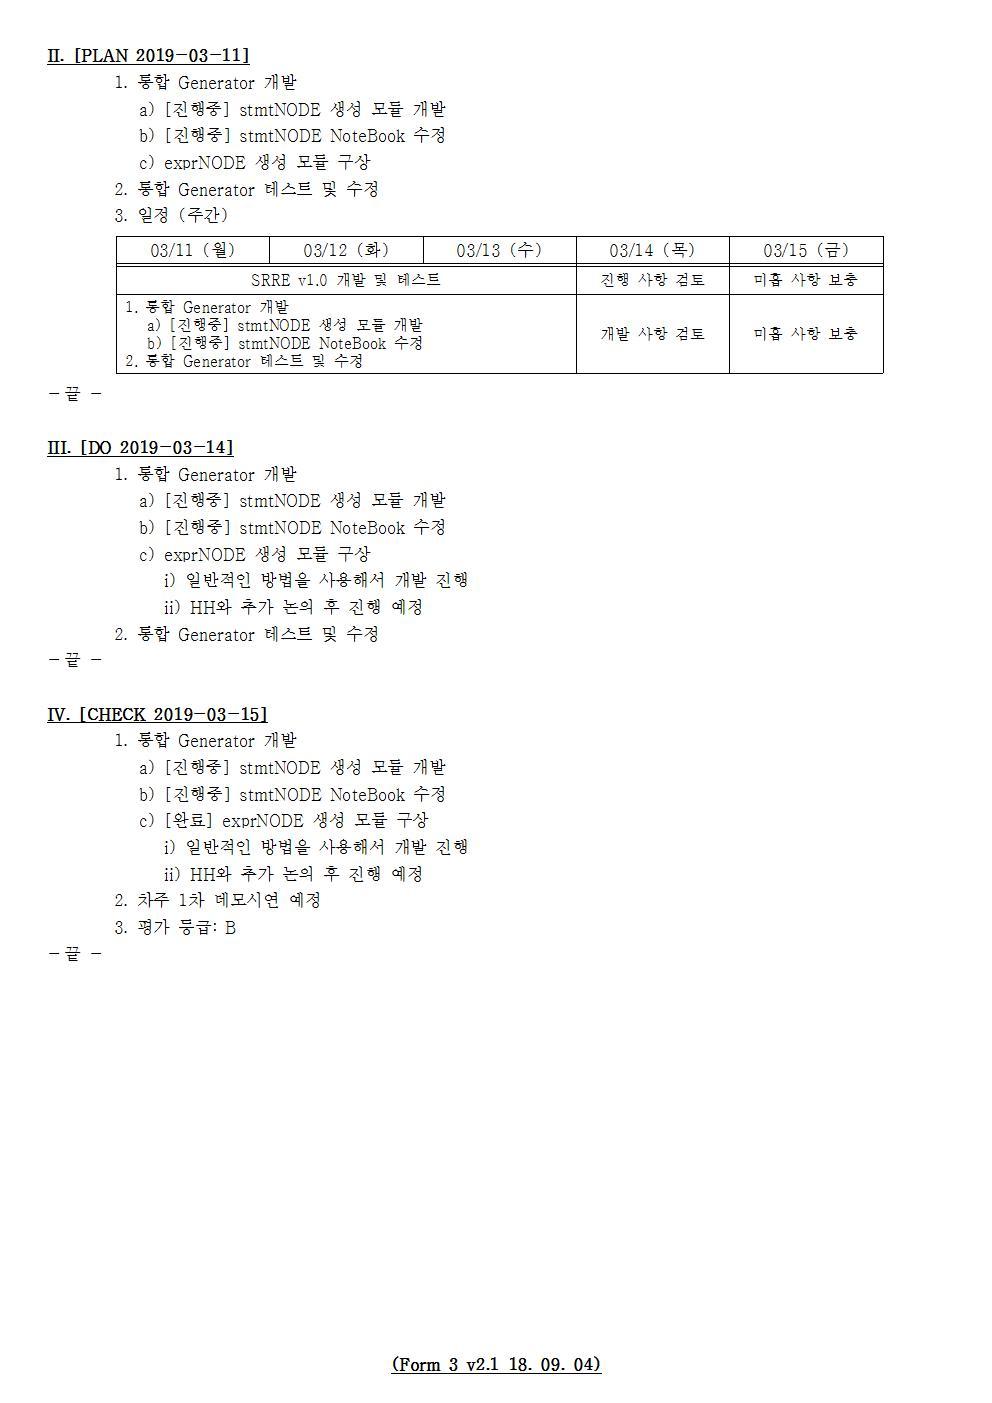 D-[19-003-RD-03]-[Tool-SRRE-1.X]-[2019-03-15][JS]002.jpg